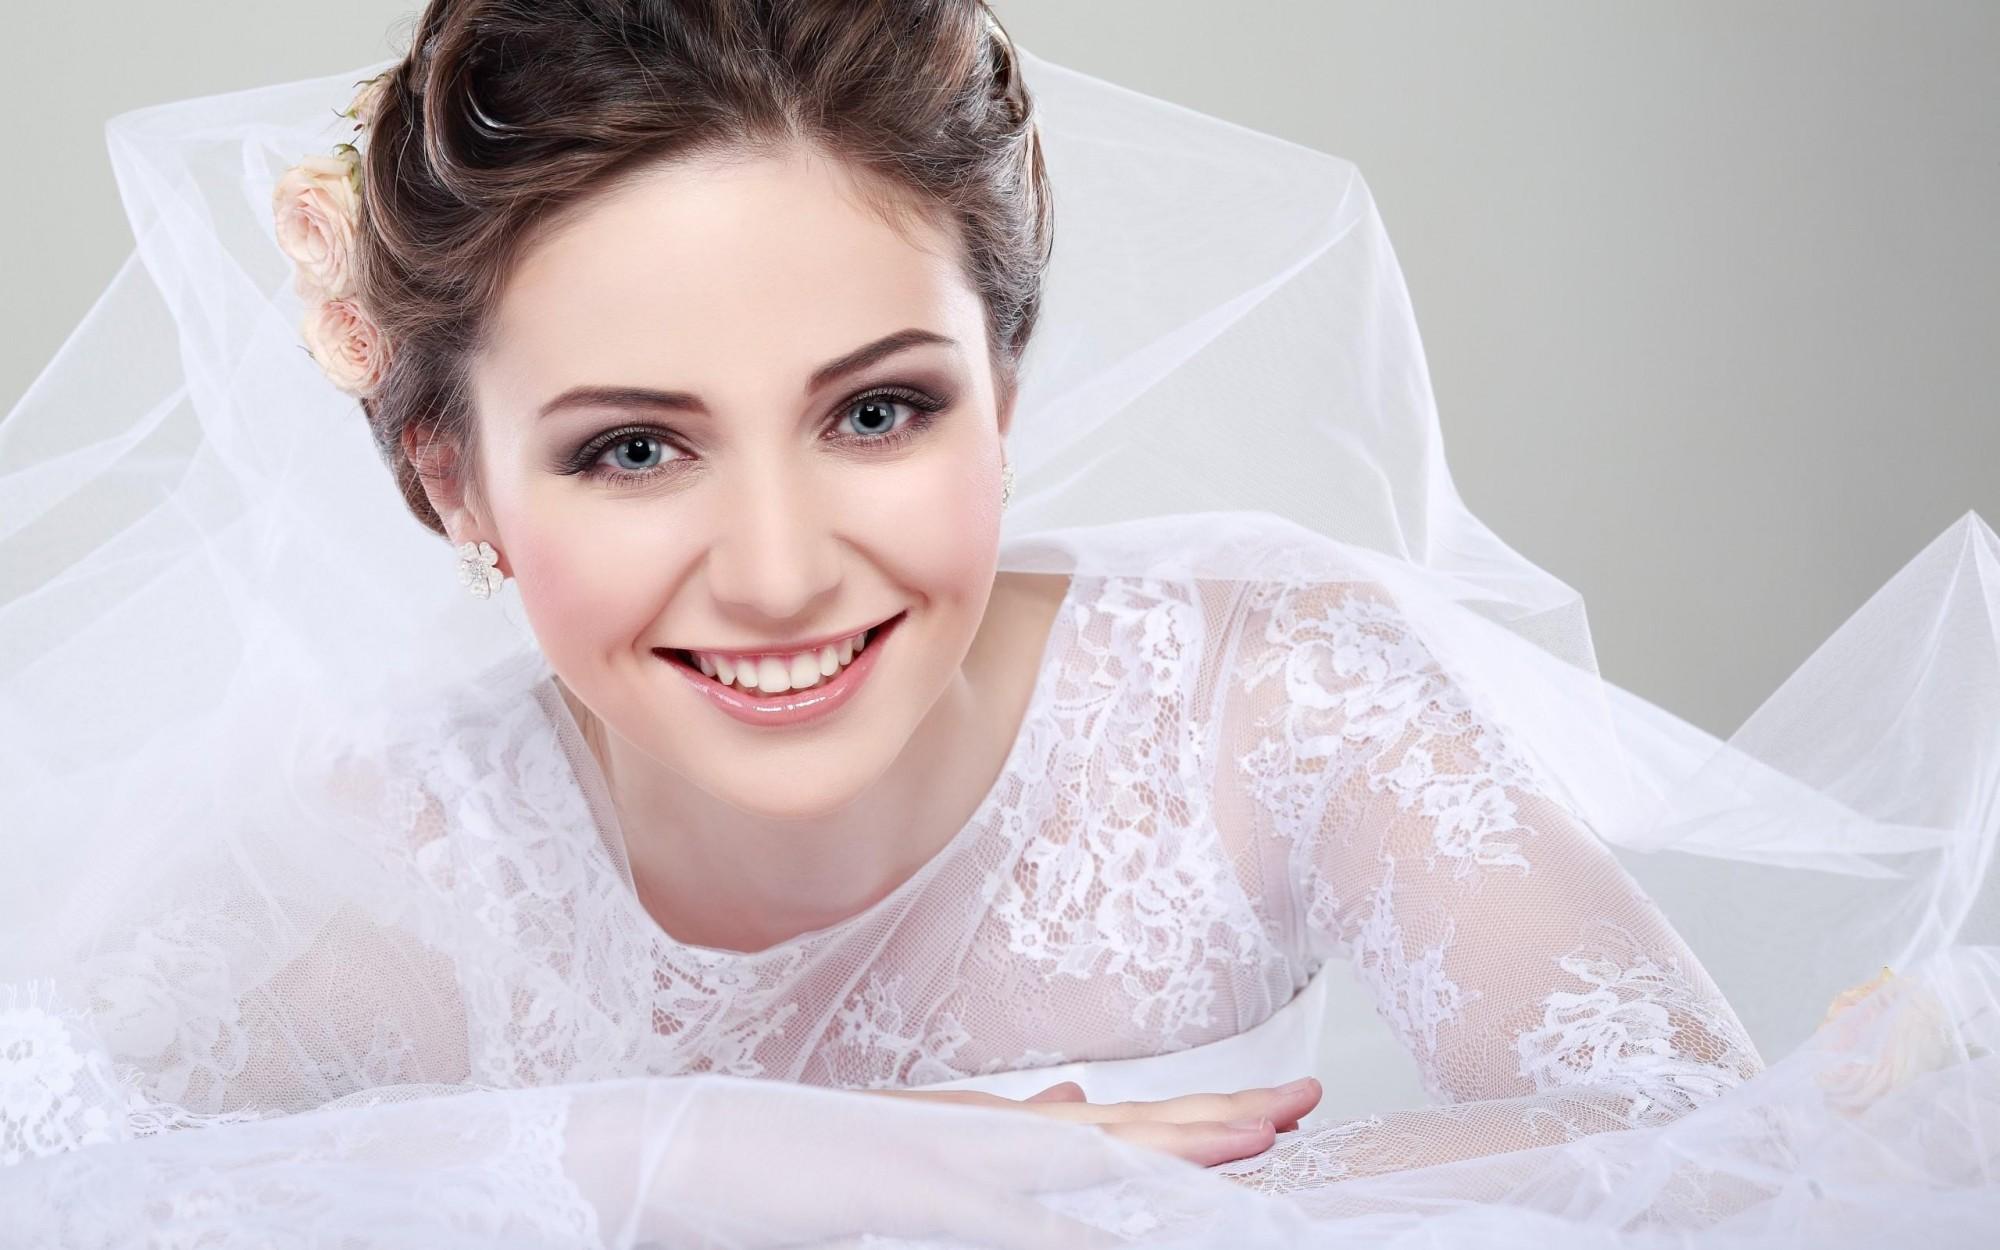 Самые красивые девушки брюнетки невесты 2 фотография